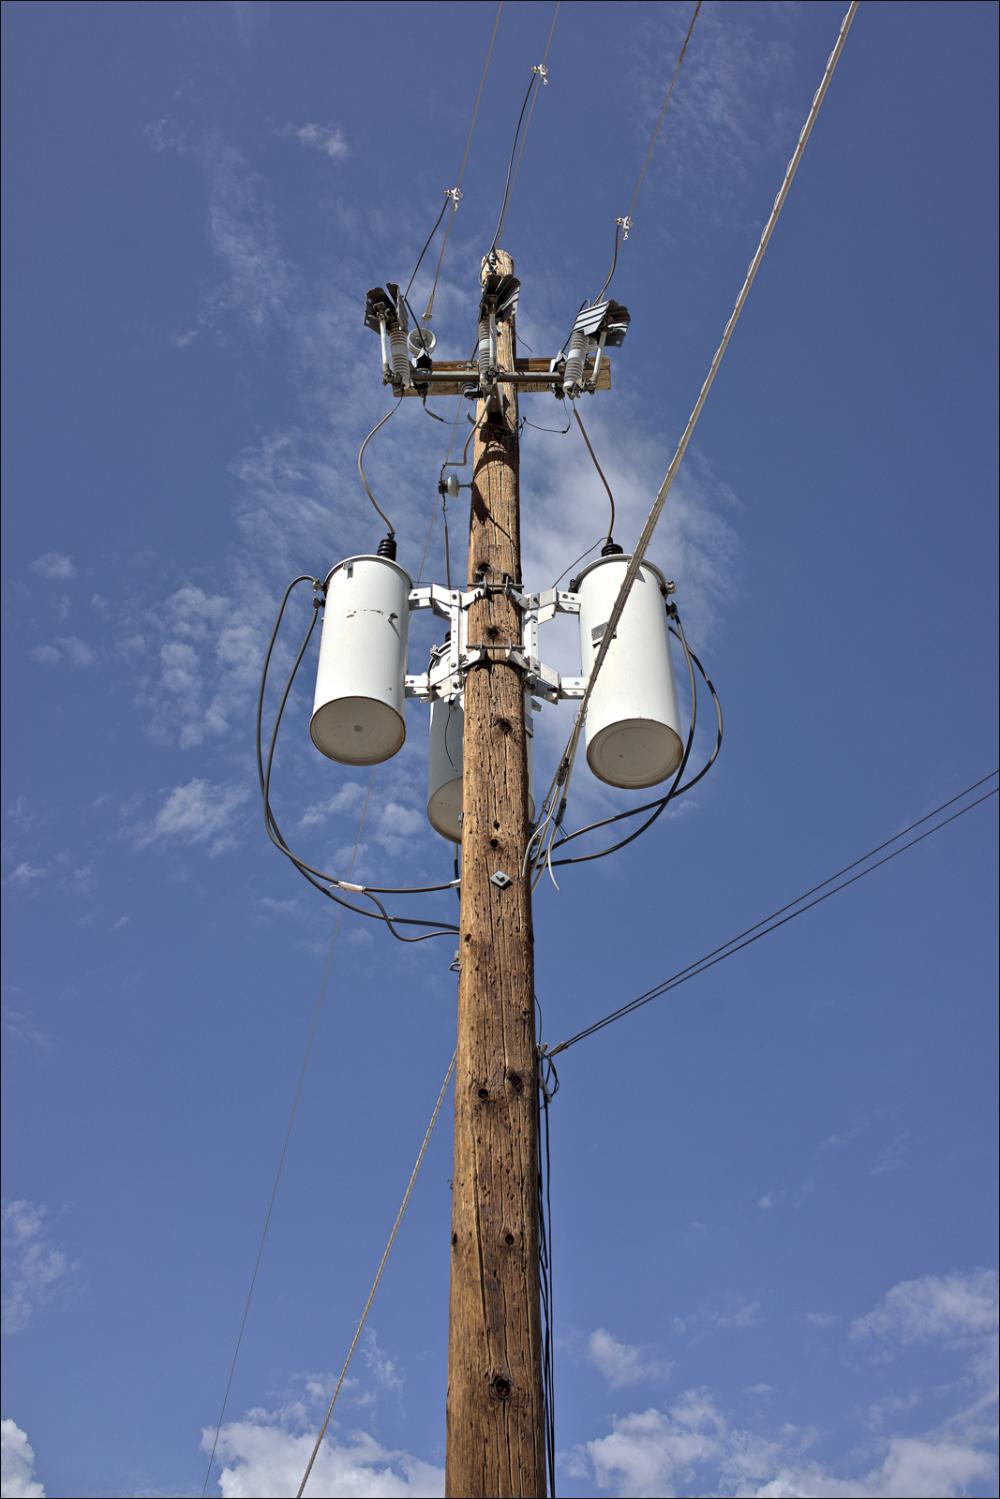 Peoria Power pole...